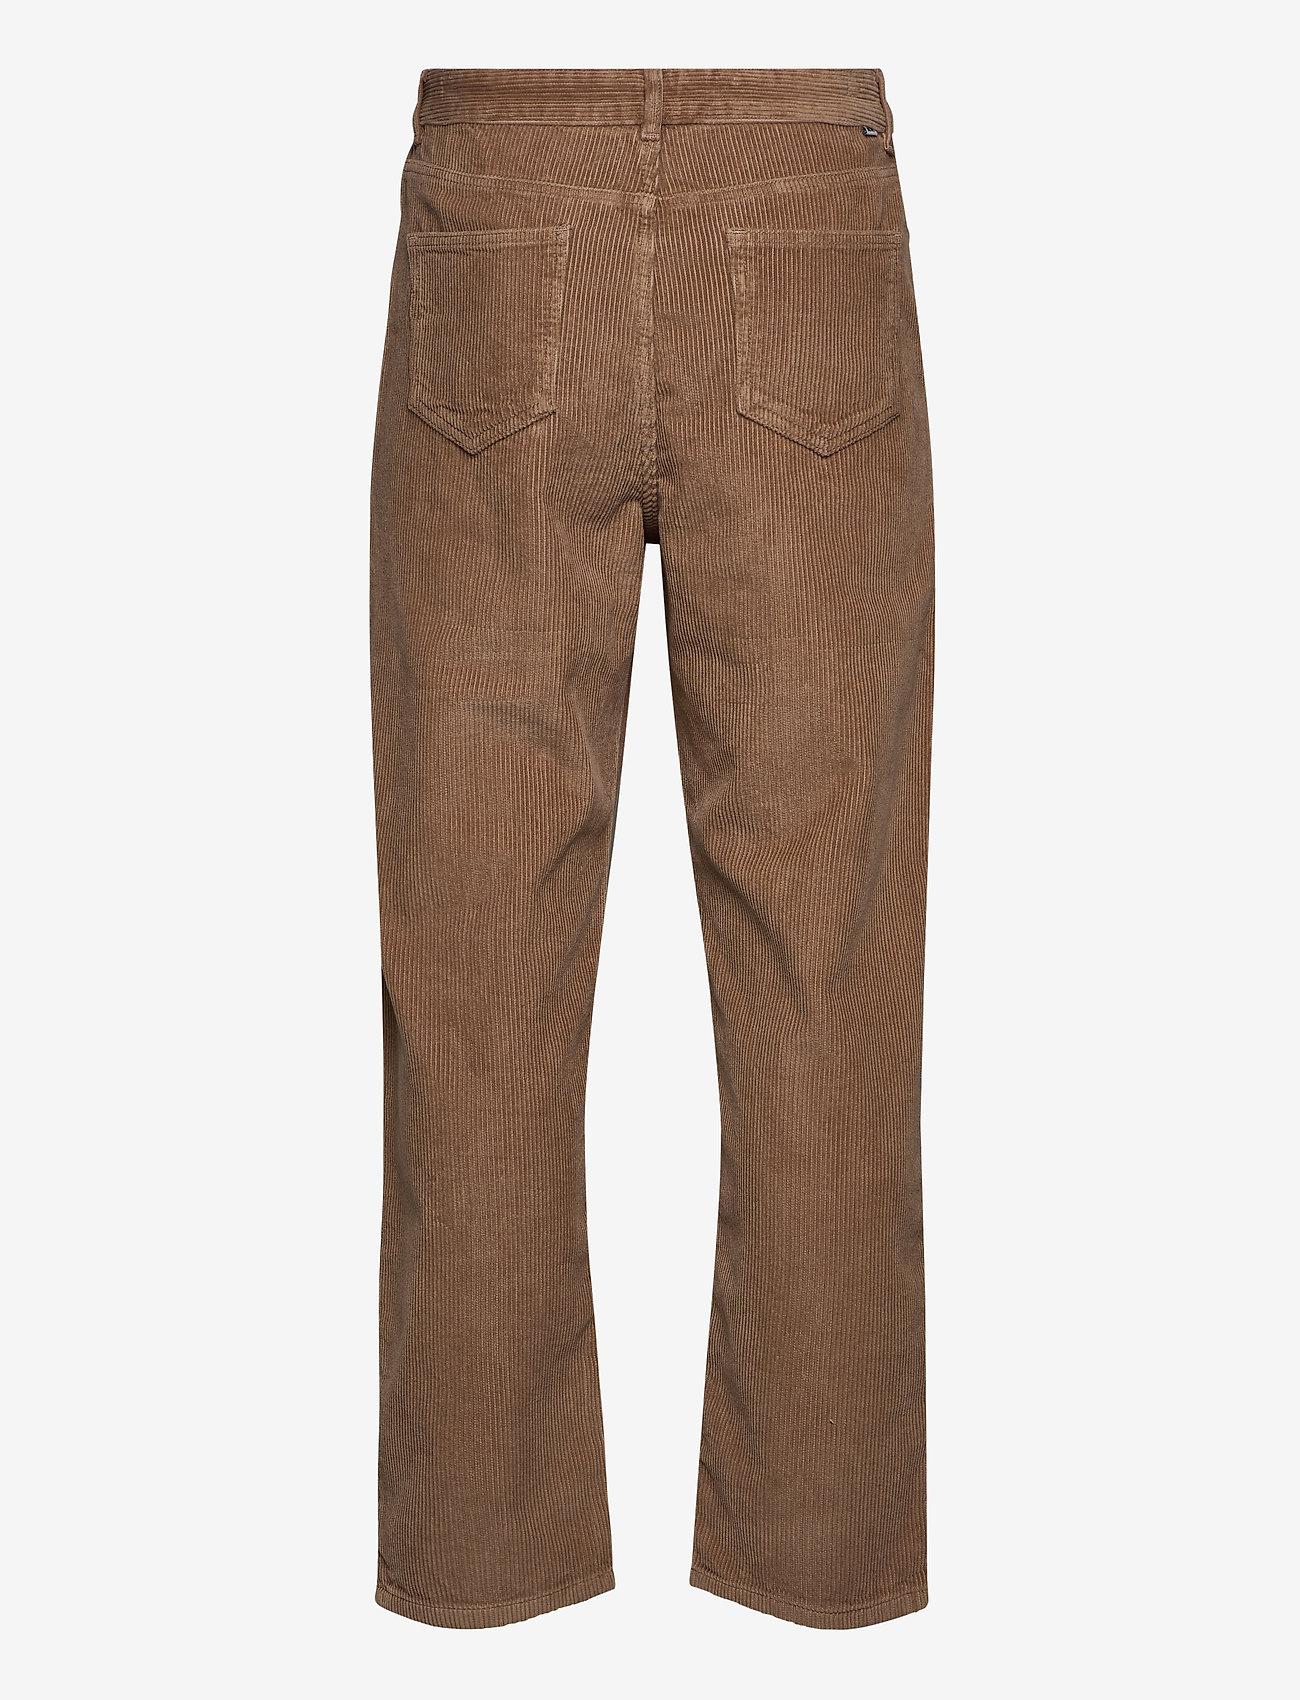 Wood Wood Harold trousers - Bukser KHAKI - Menn Klær